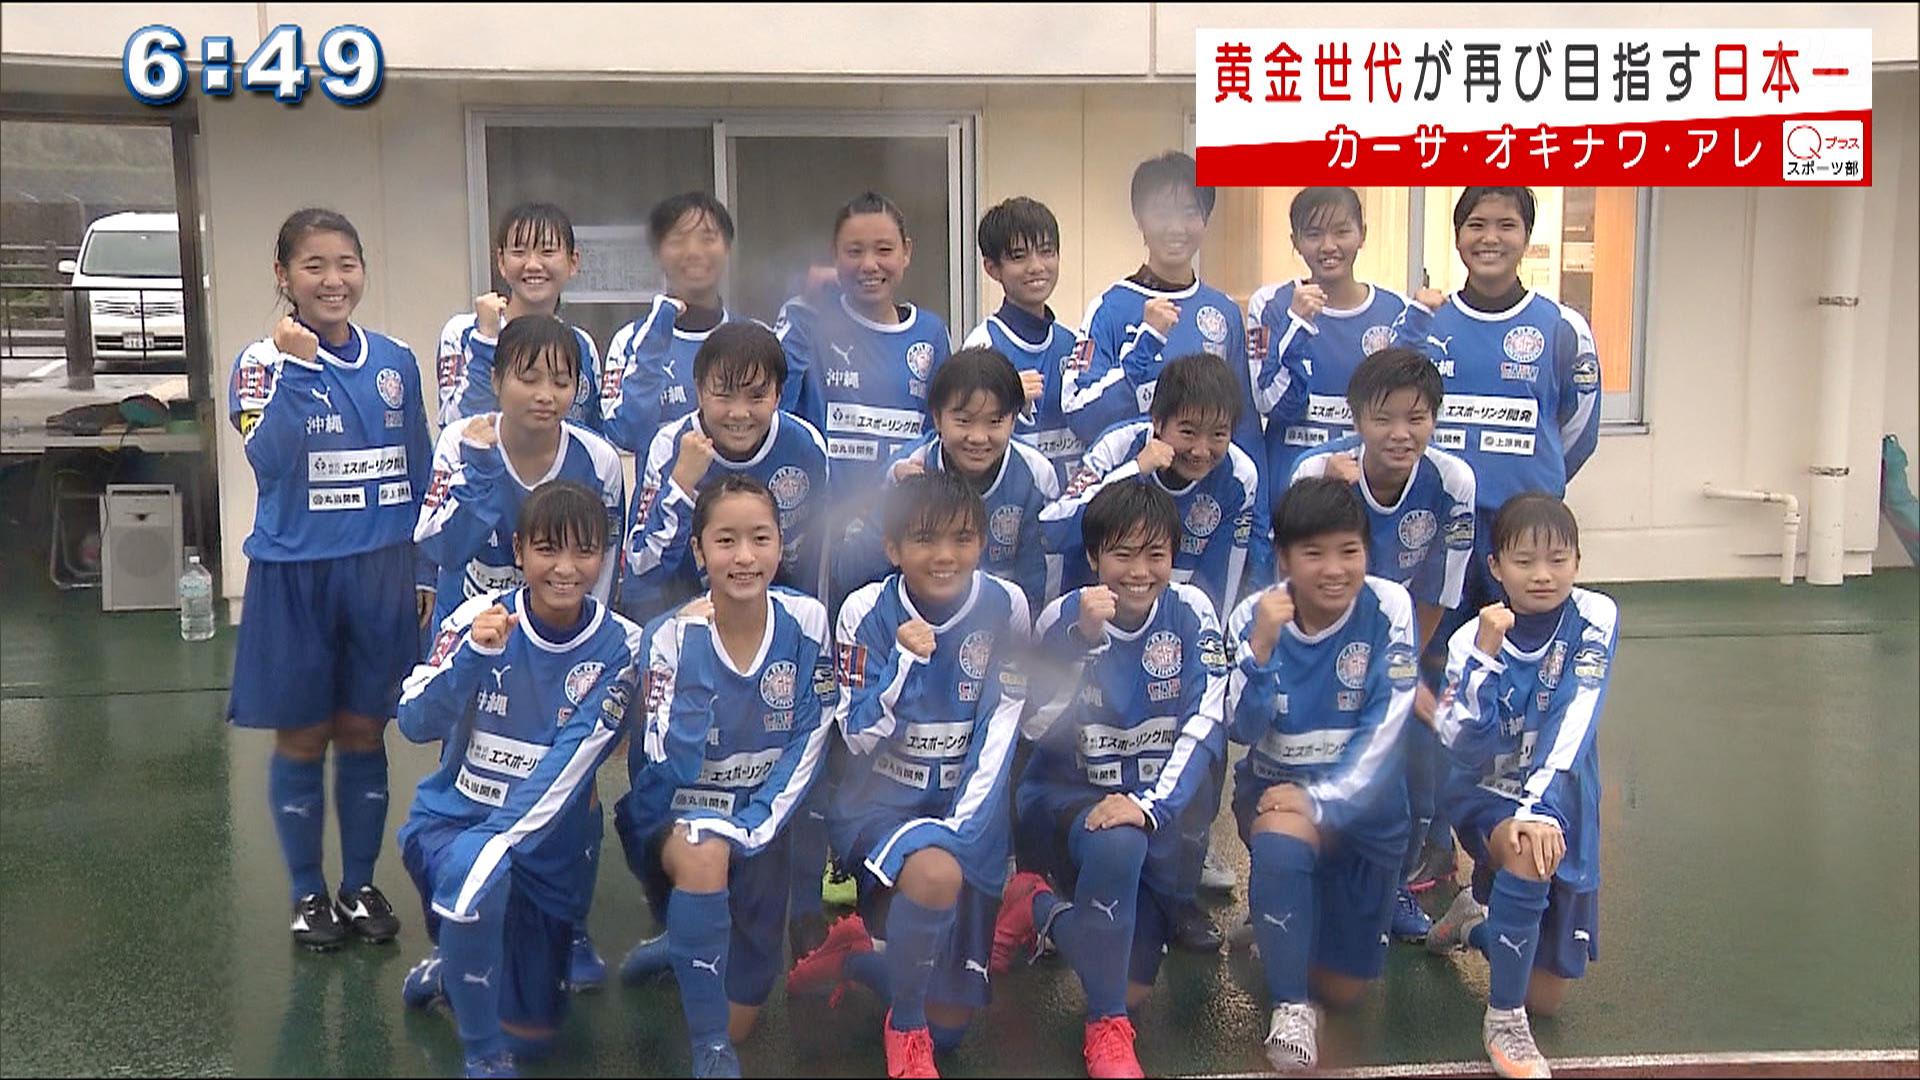 女子サッカー黄金世代が目指す全国制覇